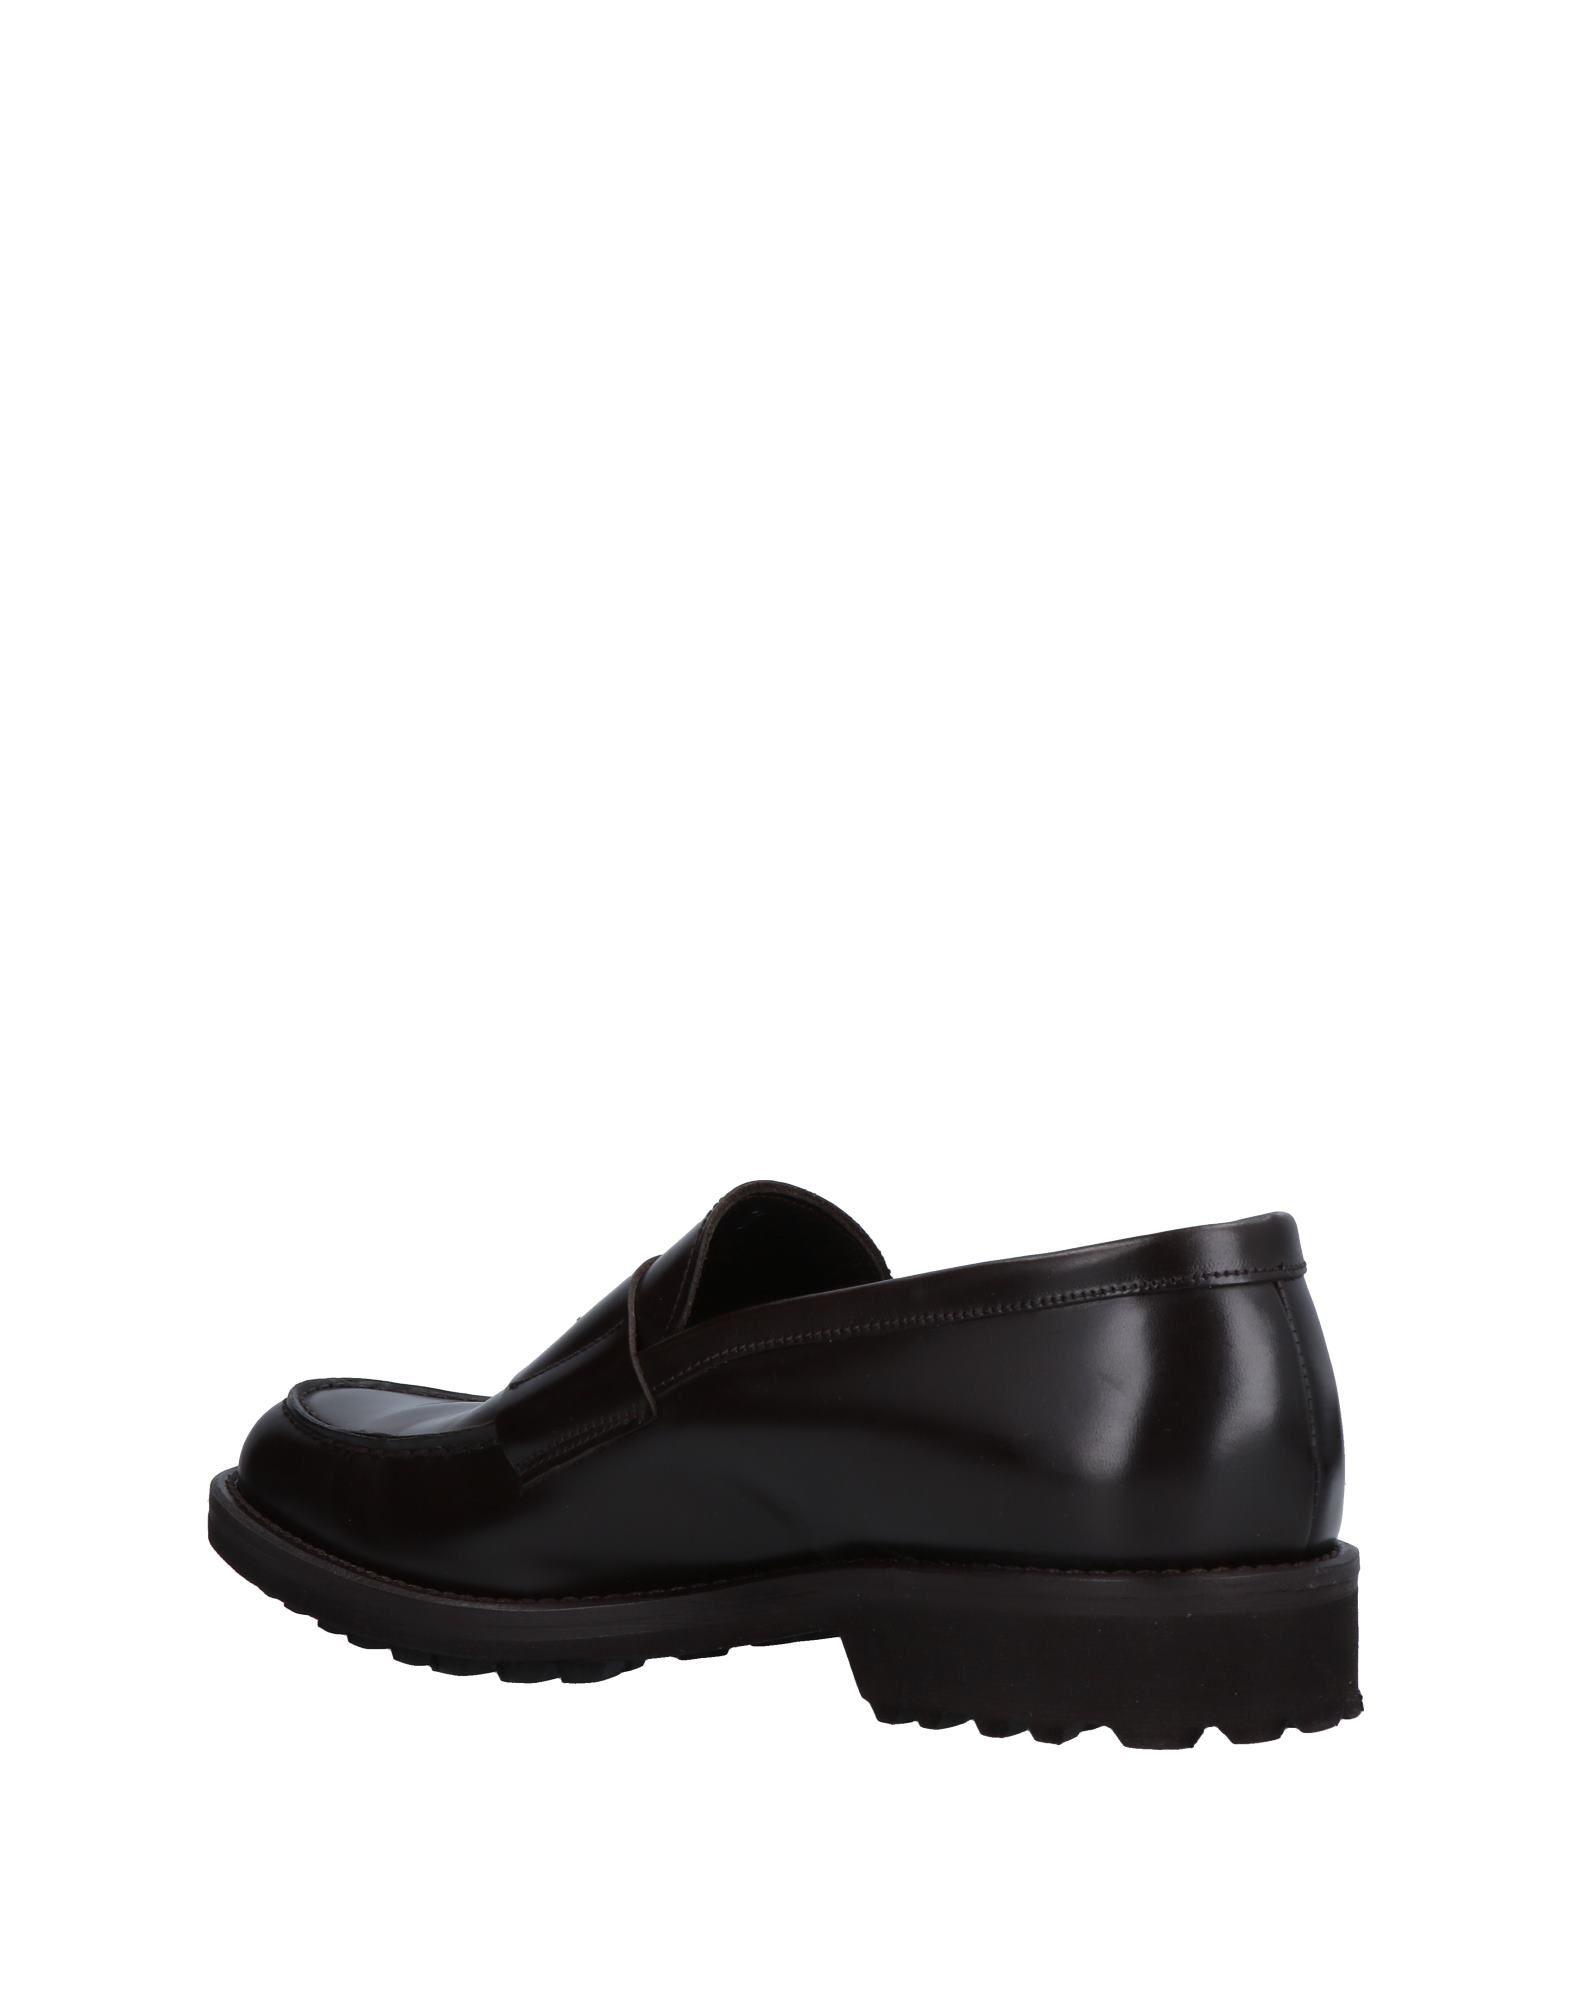 Settantatre Lr Mokassins Herren beliebte  11512527RP Gute Qualität beliebte Herren Schuhe 9bfe56